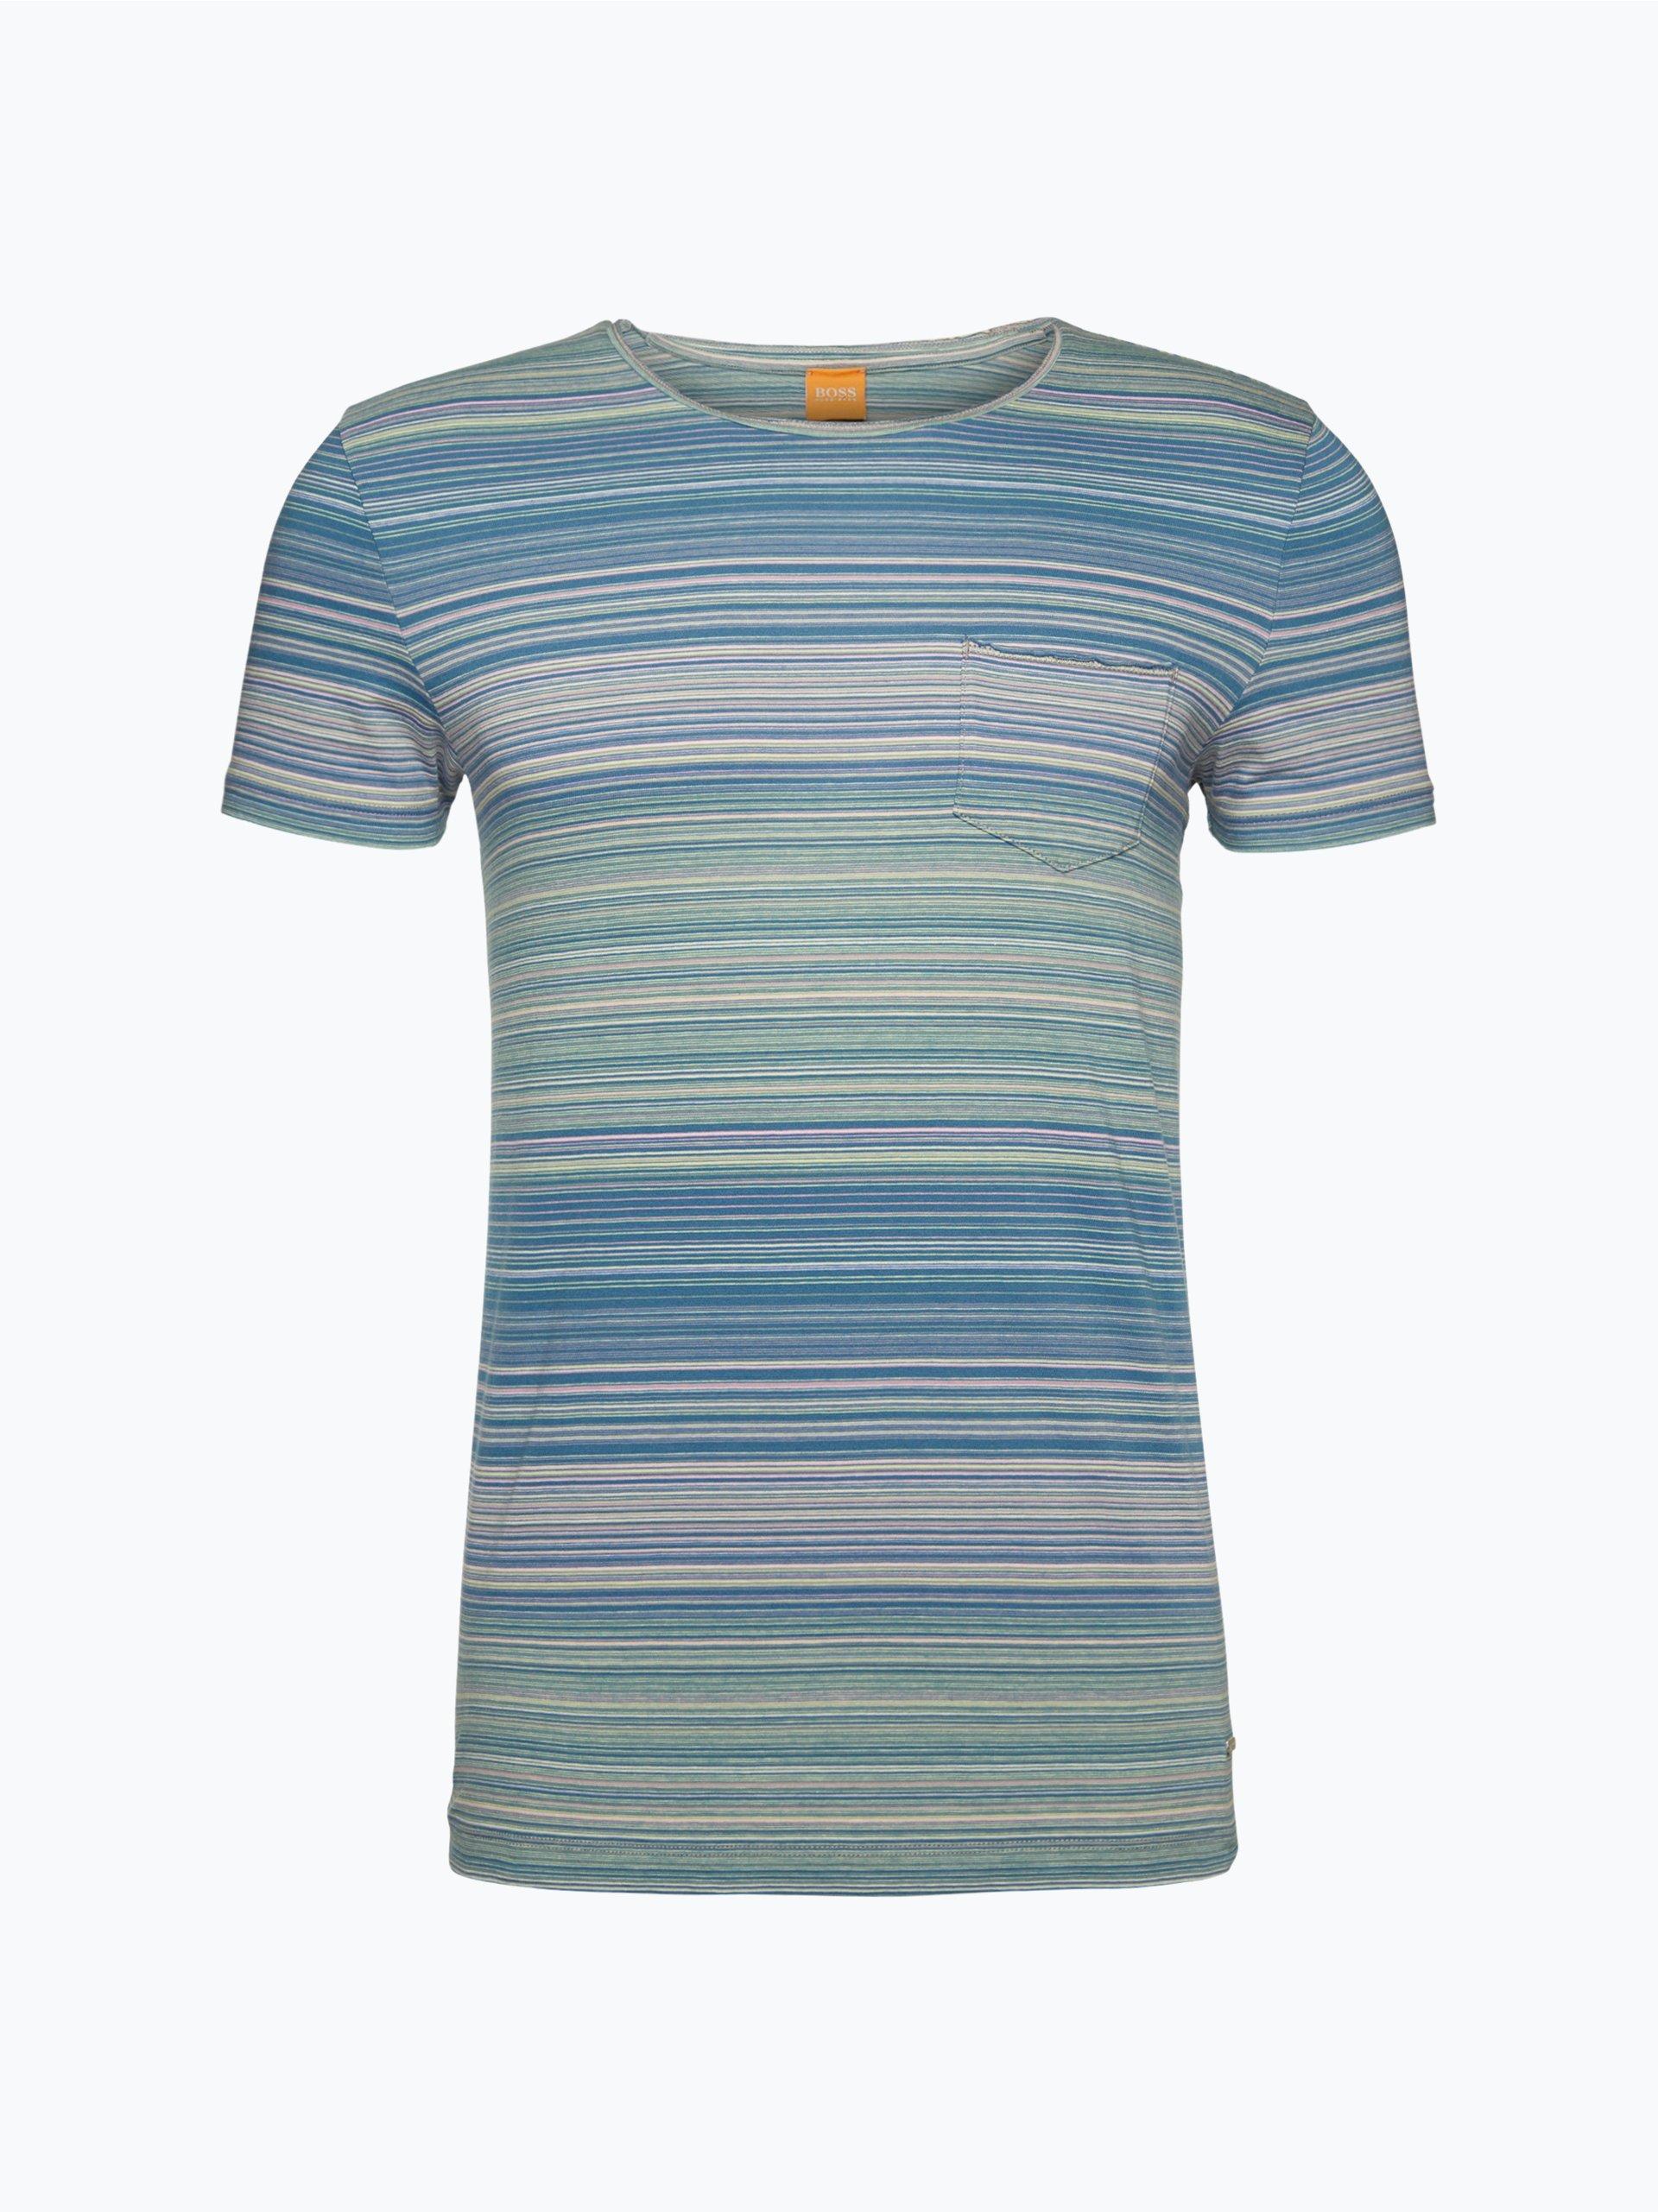 BOSS Casual Herren T-Shirt - Tedryk